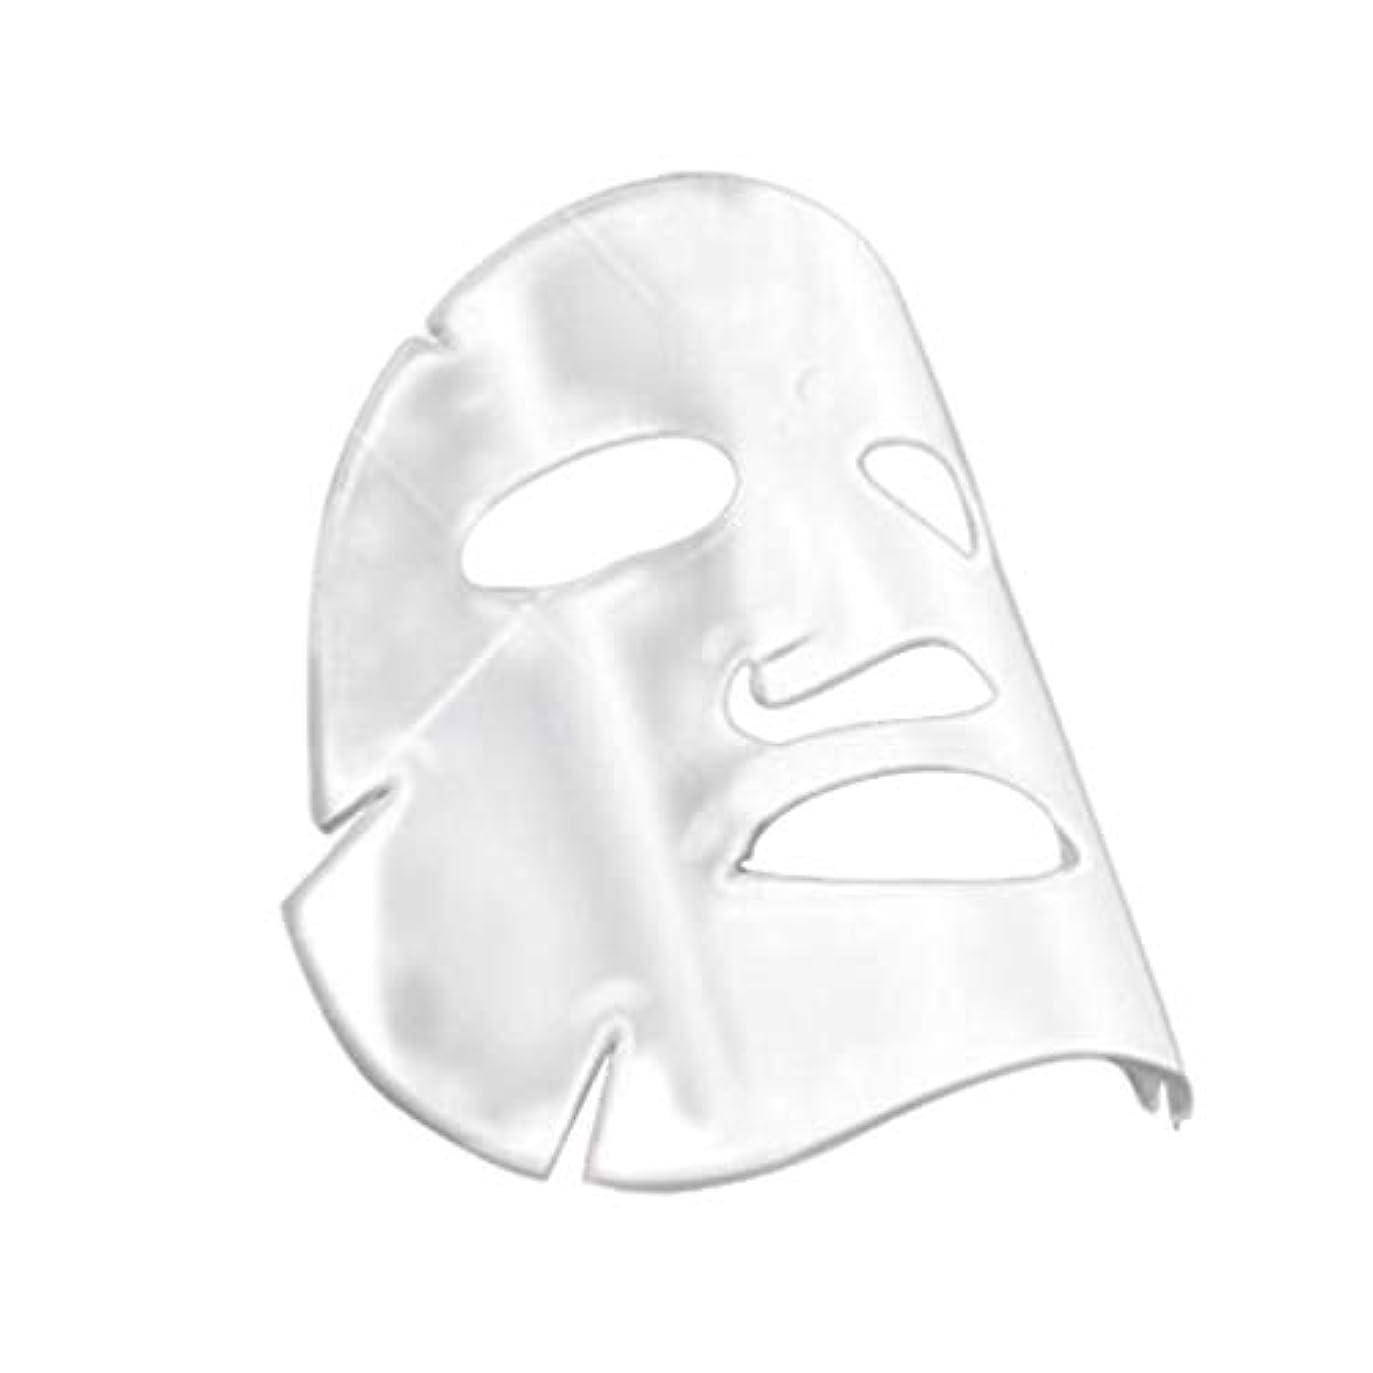 いつでもファンタジー抹消Healifty フェイシャルマスク保湿水和バイオファイバークリーニング吸油フェイシャルマスクフェイスマスク